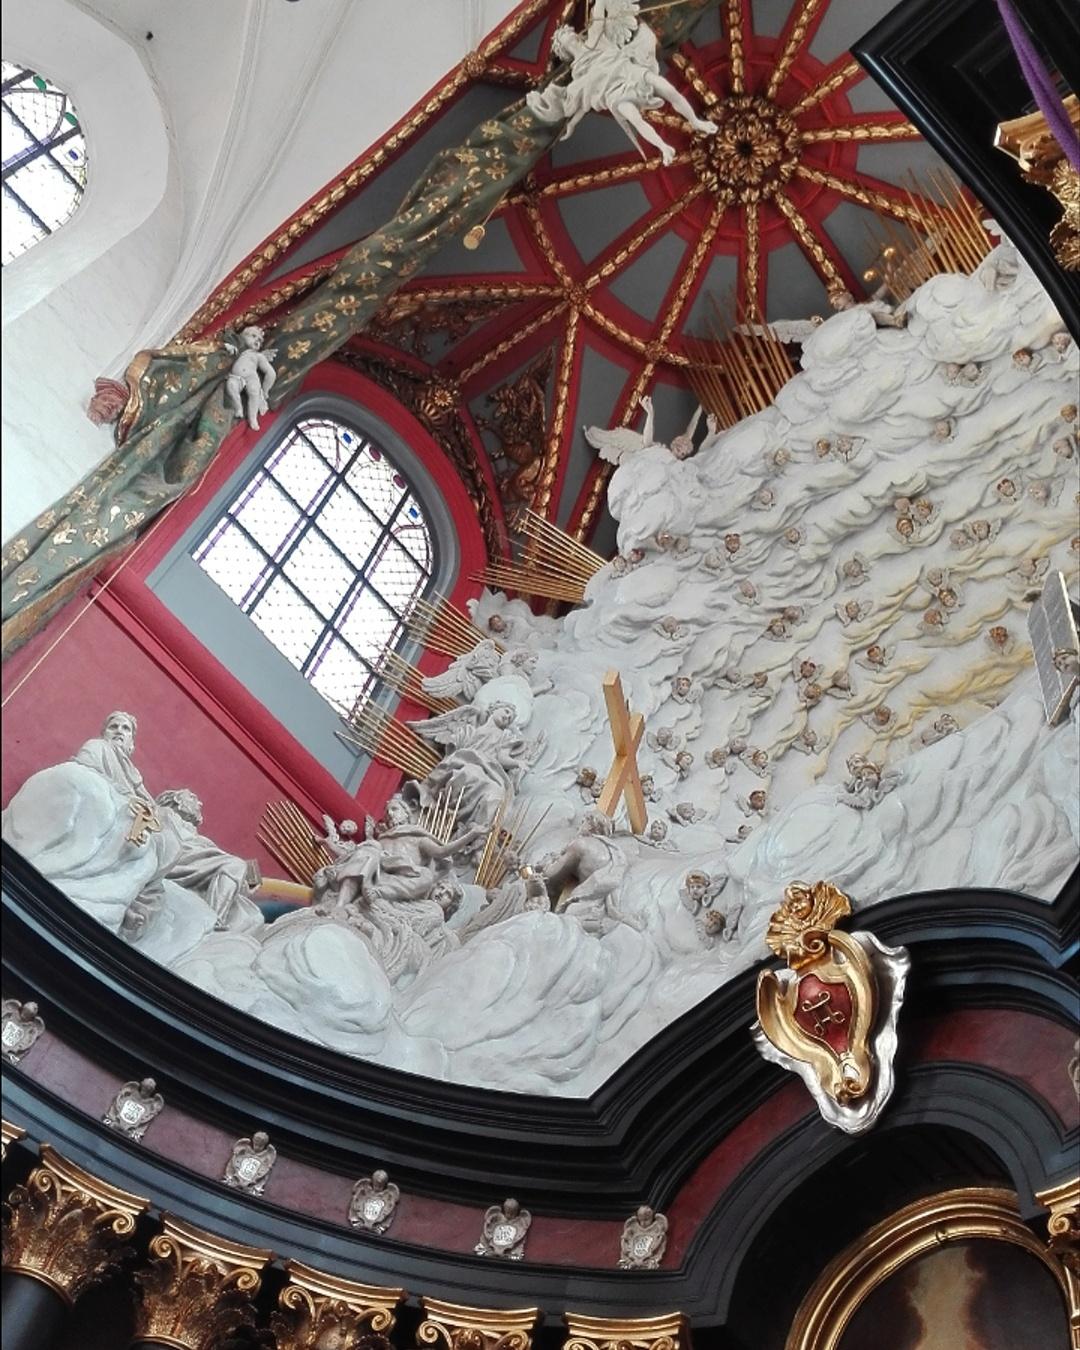 La Catedral de Oliwa, Foto Ania Anna Kotula de Tour Guide Service Gdansk